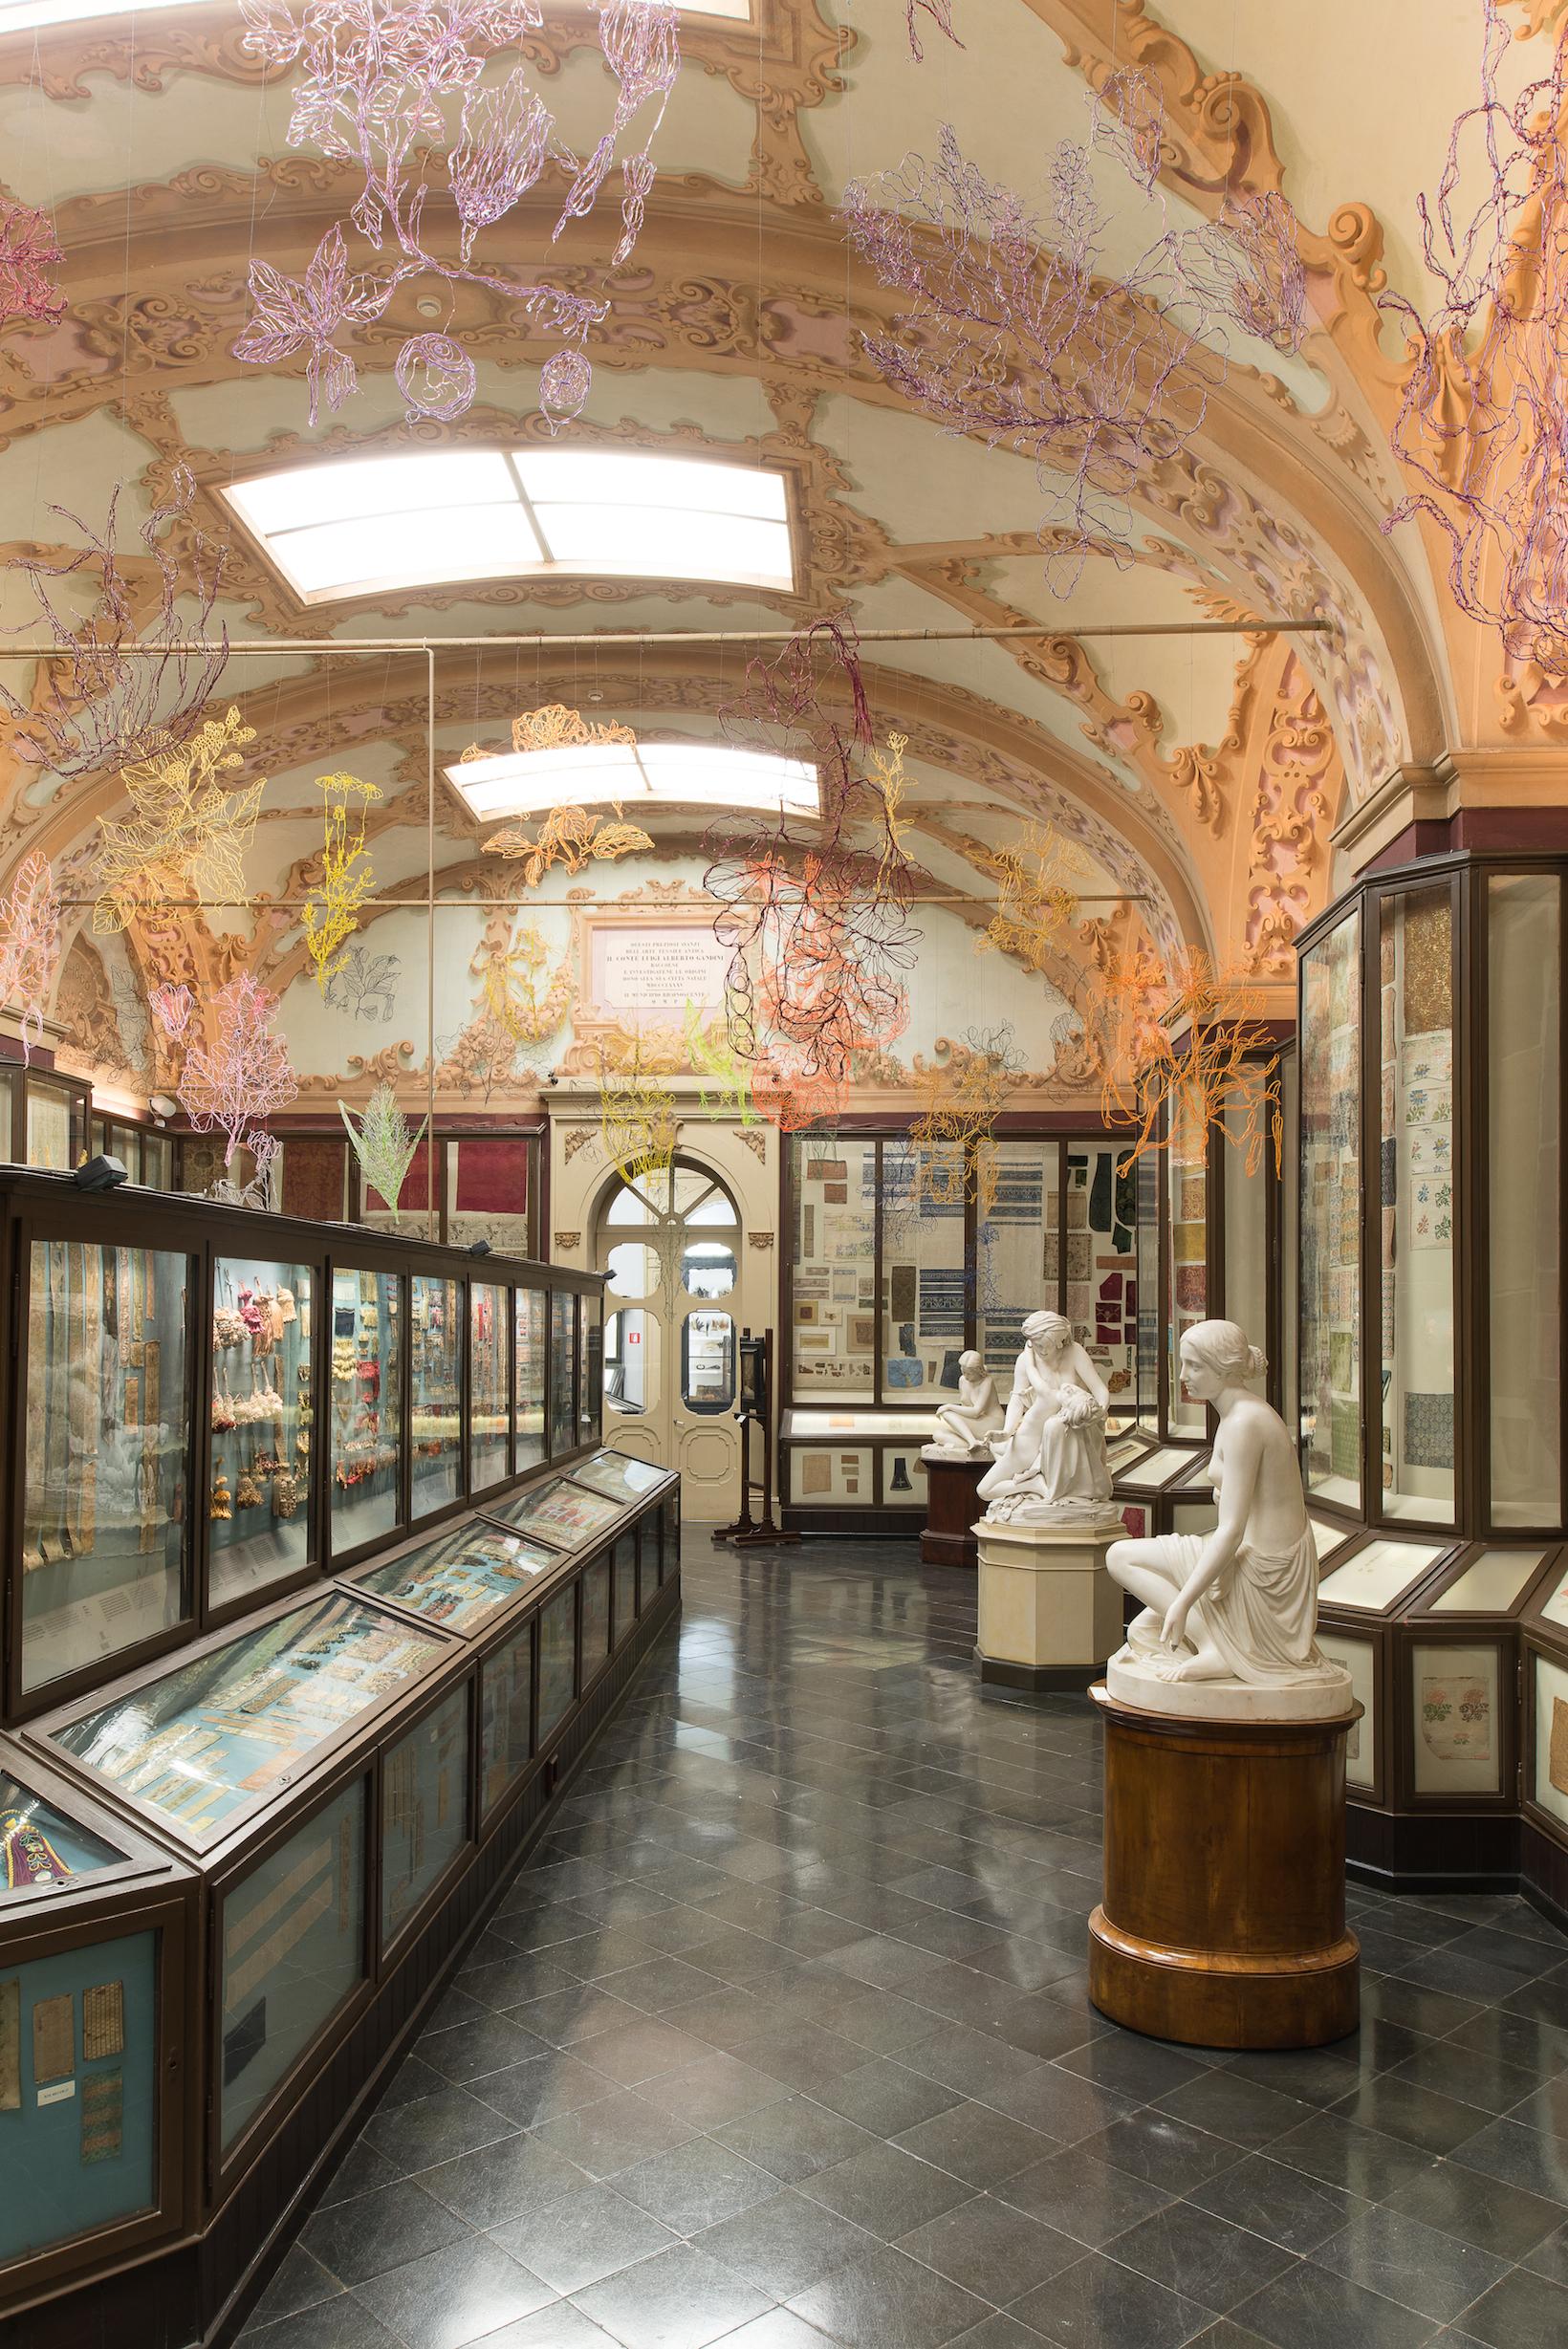 Installazione alla Sala Gandini dei Musei Civici di Modena. 46 elementi +25 all'nterno delle vetrine. Foto Rolando PGuerzoni